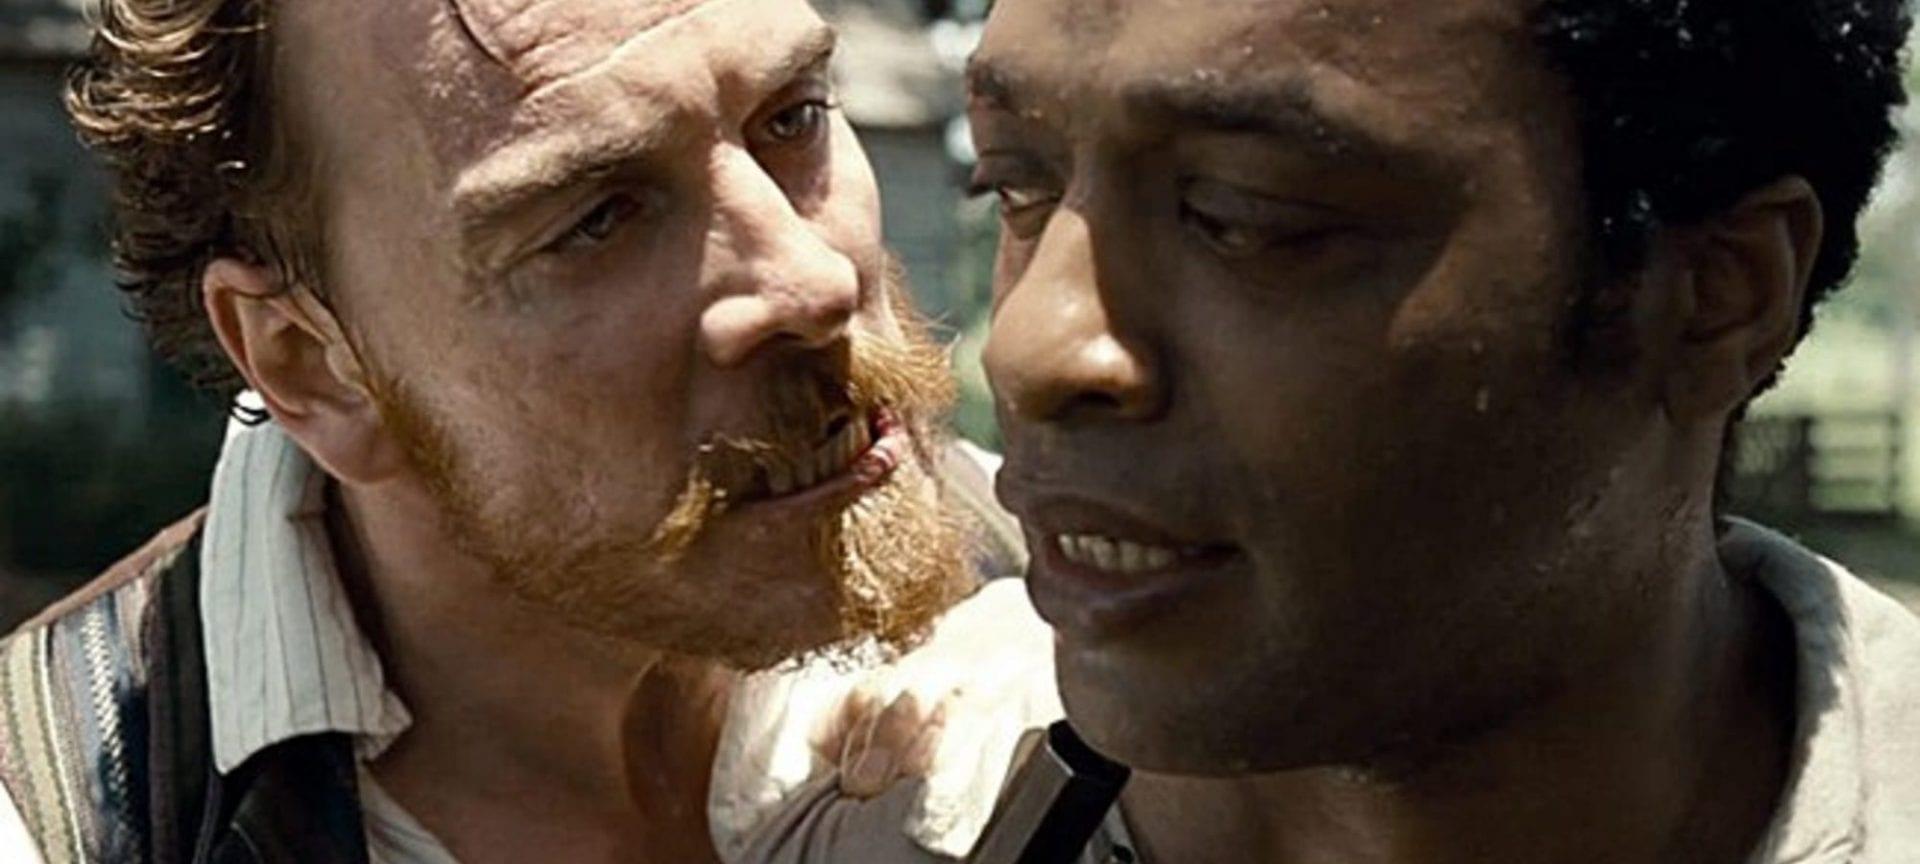 Cele mai bune filme inspirate din fapte reale